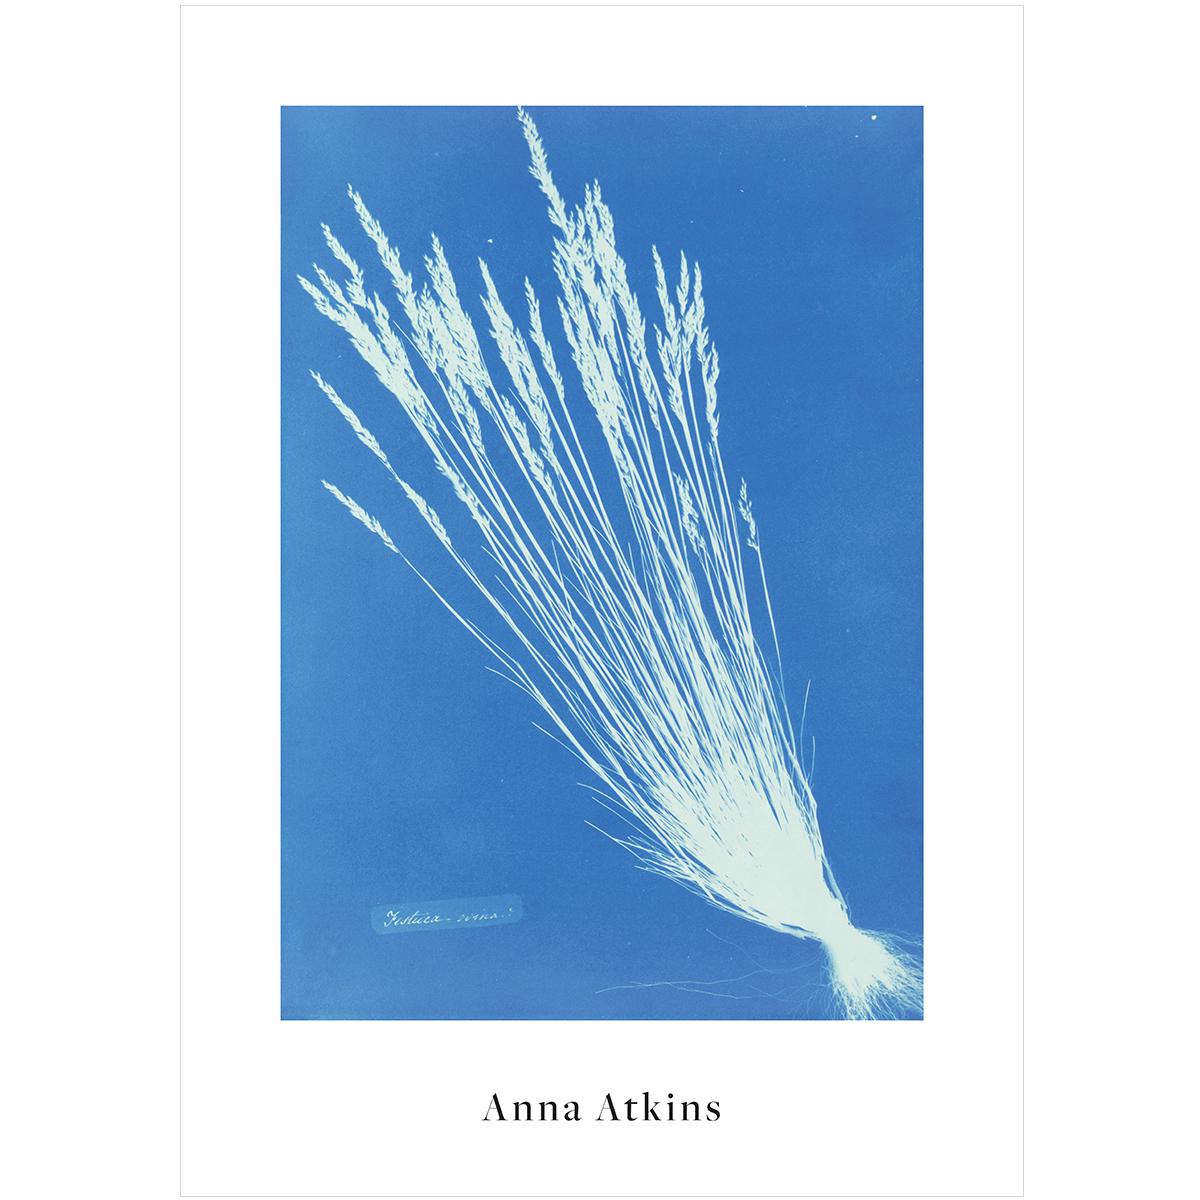 V&A Anna Atkins print